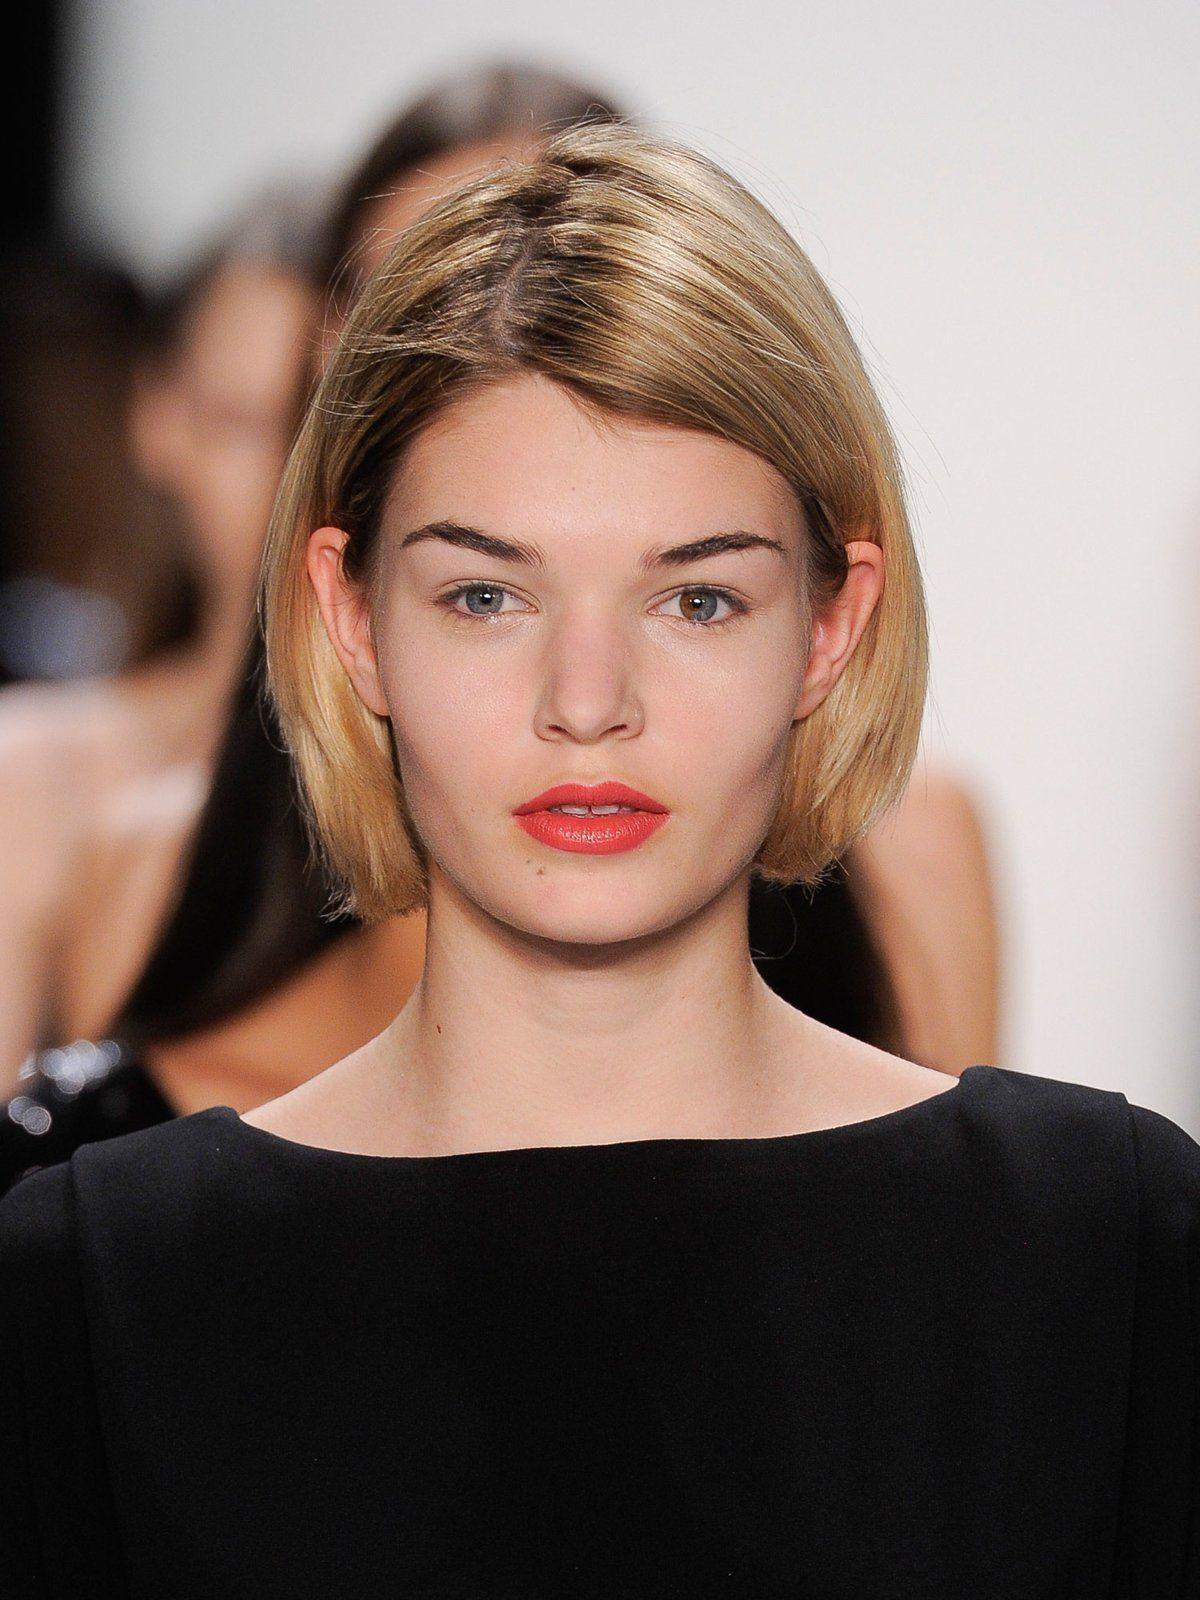 Germany S Next Topmodel 2012 Gewinnerin Luisa Hartema Tragt Nun Schon Seit Dem Gefurchteten Umstyling Ihre Haare In 2020 Luisa Hartema Germanys Next Topmodel Frisuren